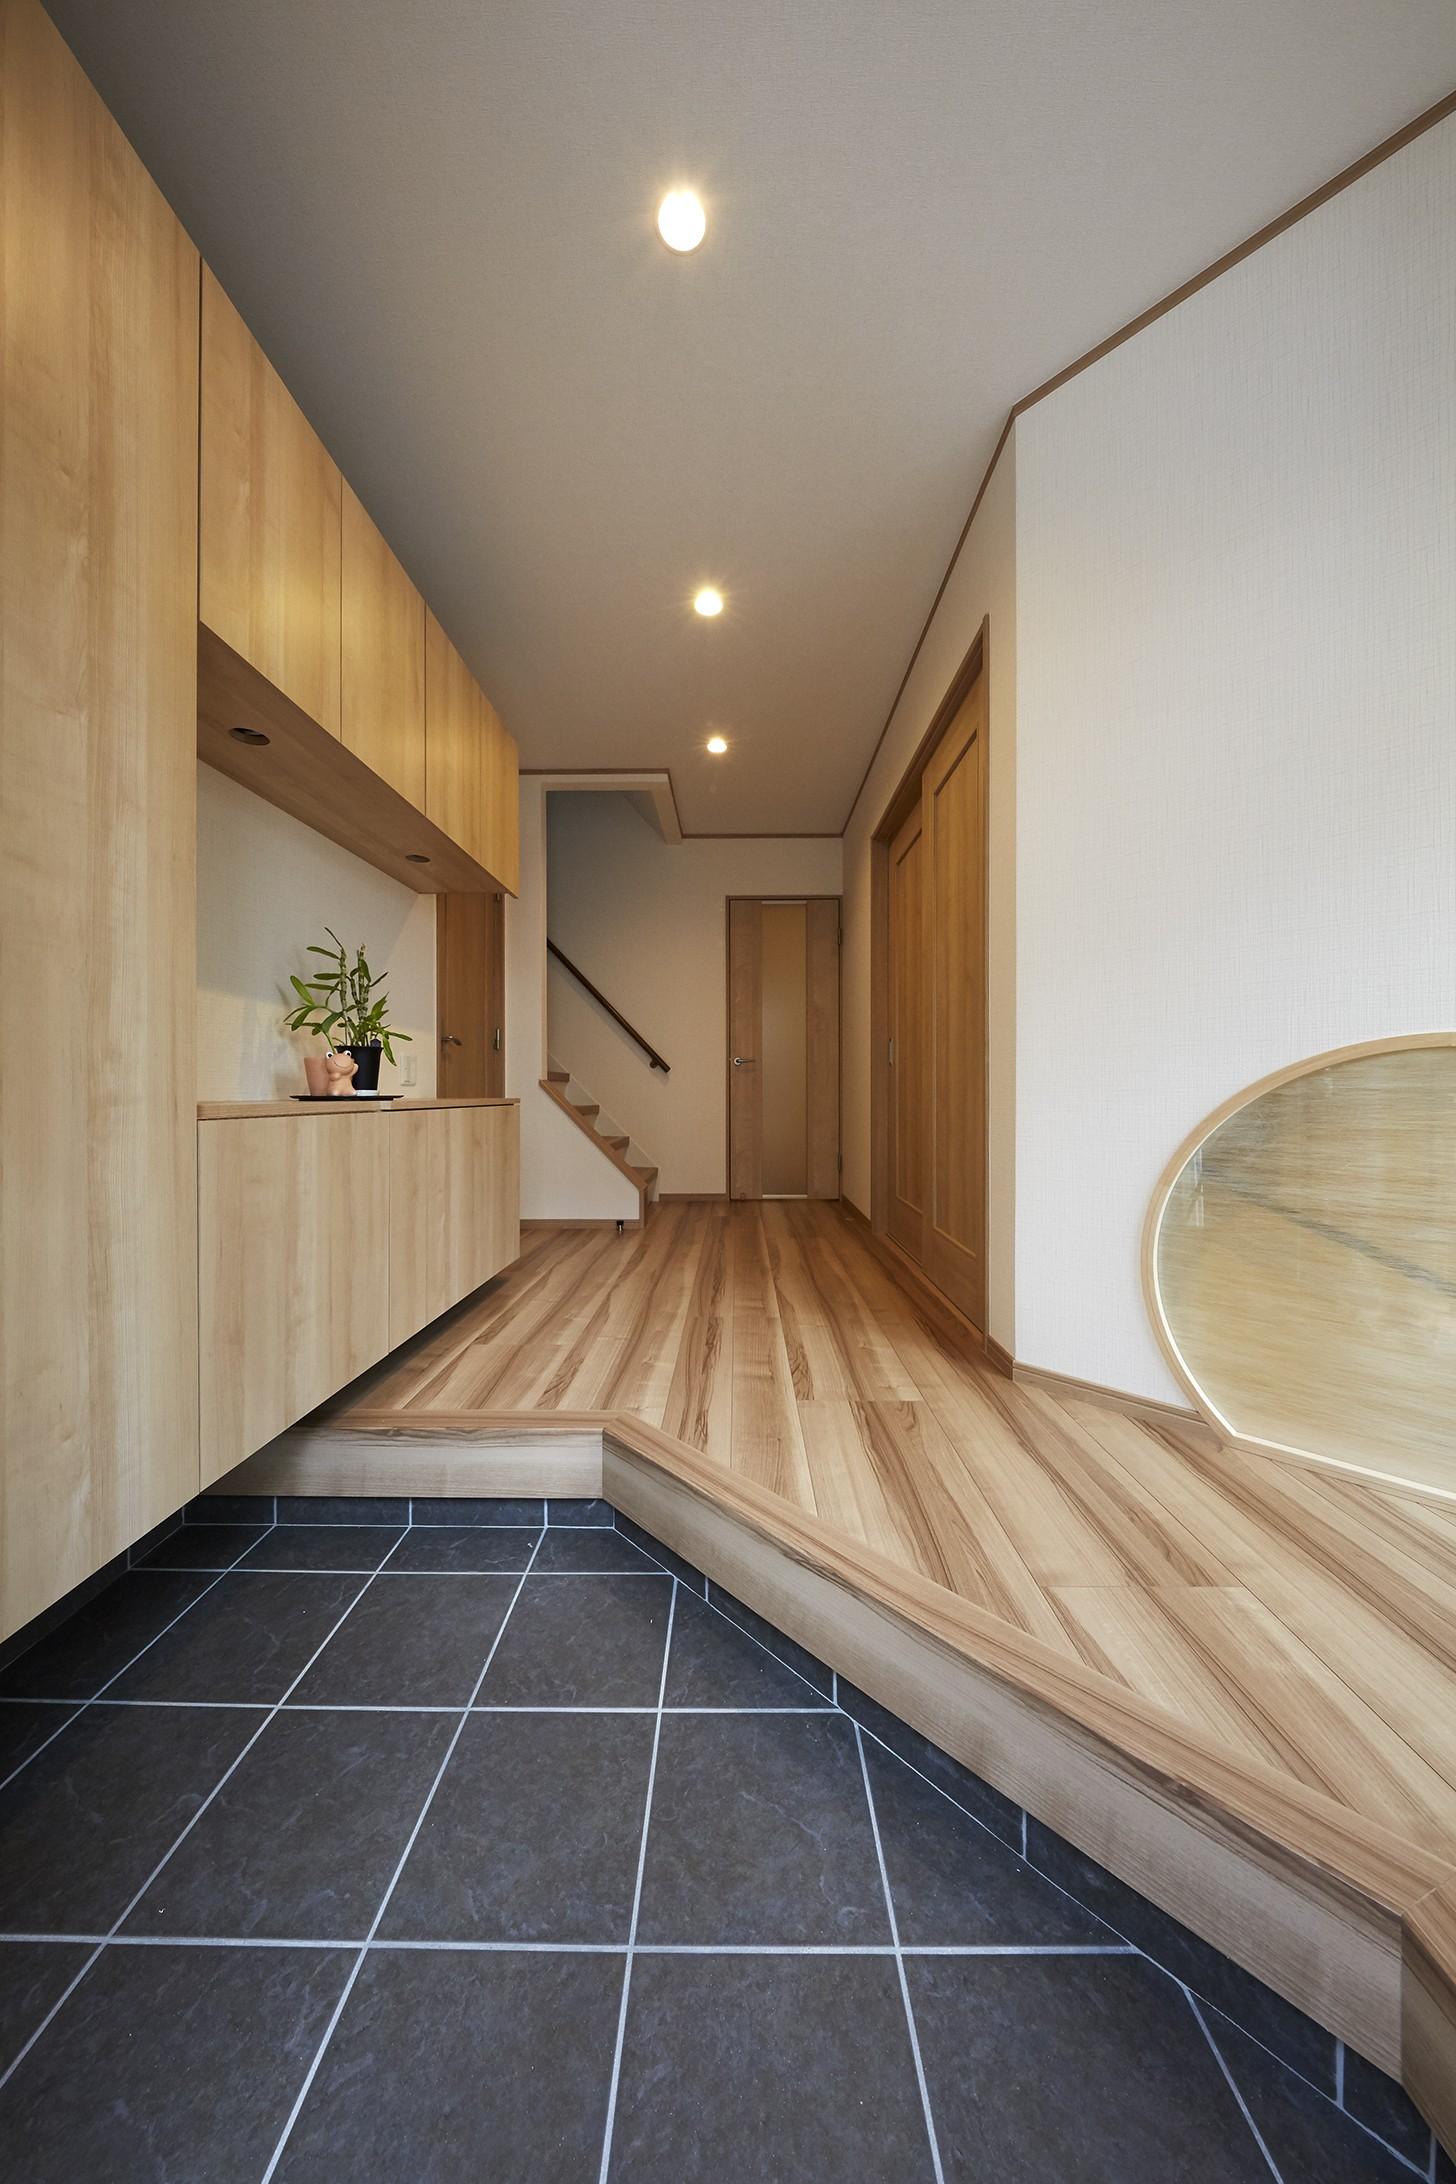 玄関事例:人が集まる居心地のいい玄関(大勢で集まっても楽しめる大空間リビングが自慢のお家)